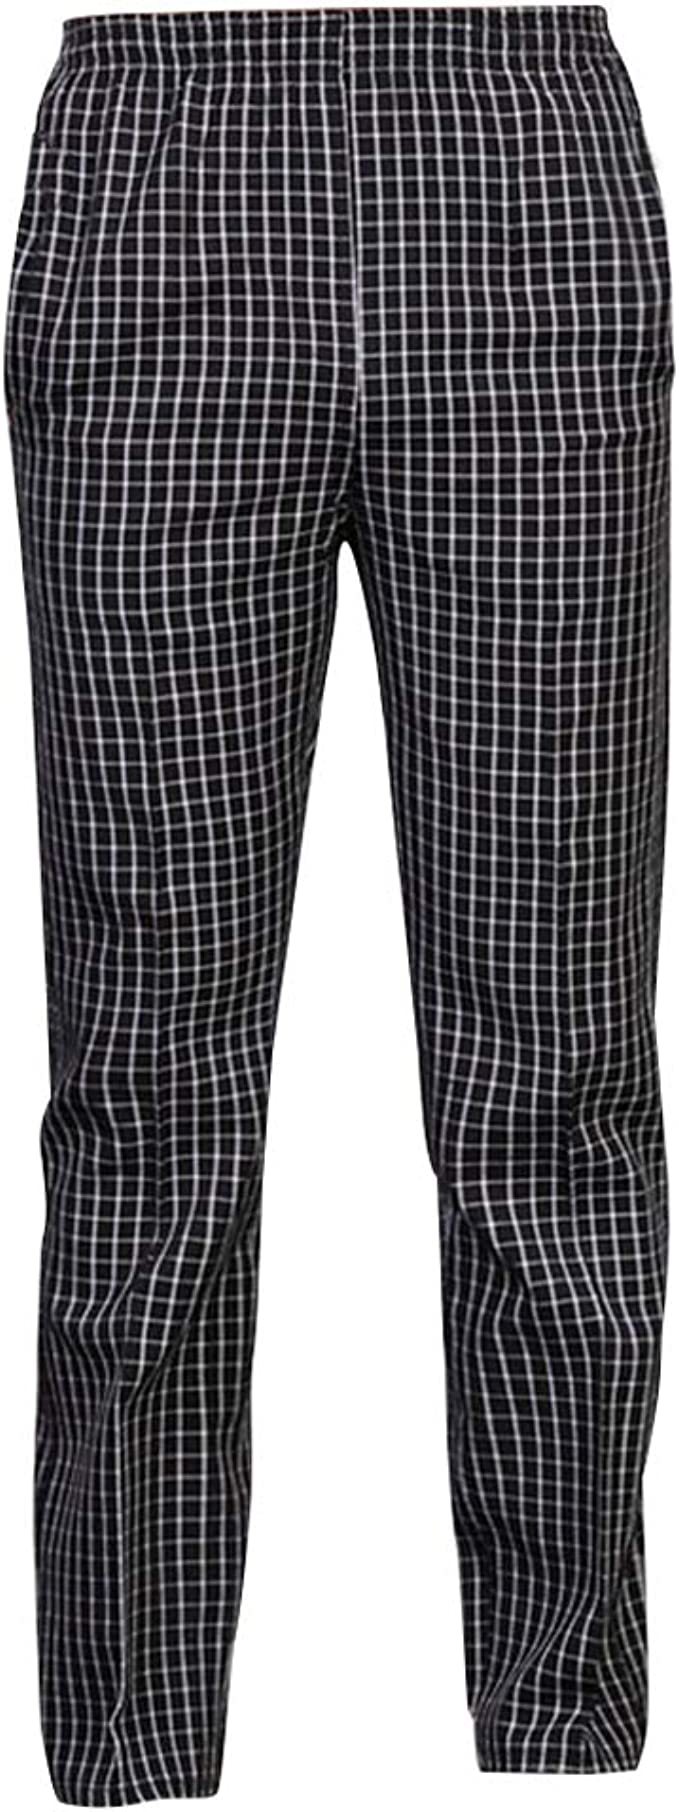 KESOTO Pantaloni Da Cucina Cucina Catering Poliestere Baggy Chef Pantaloni Uniforme Da Lavoro 6 Modelli 6 Taglie Opzionale